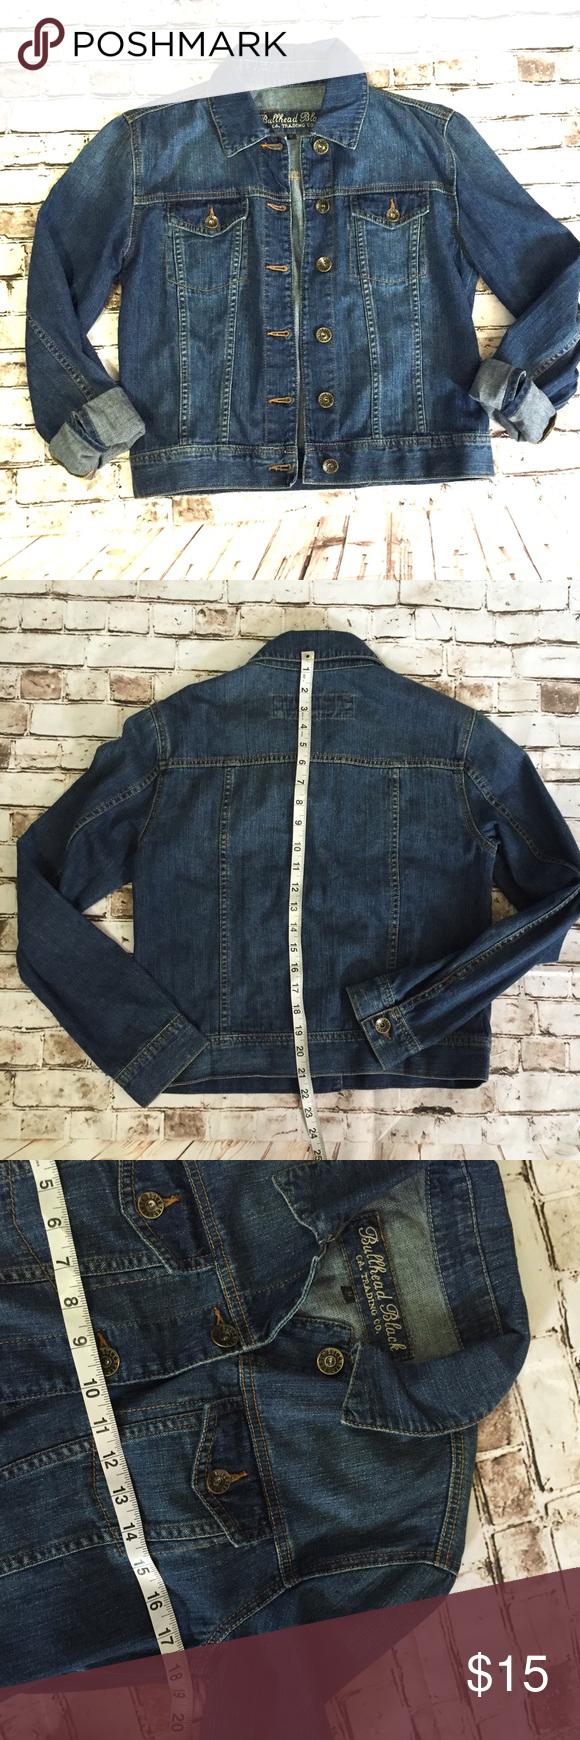 Bullhead black small denim Jean jacket Excellent condition Bullhead Jackets & Coats Jean Jackets